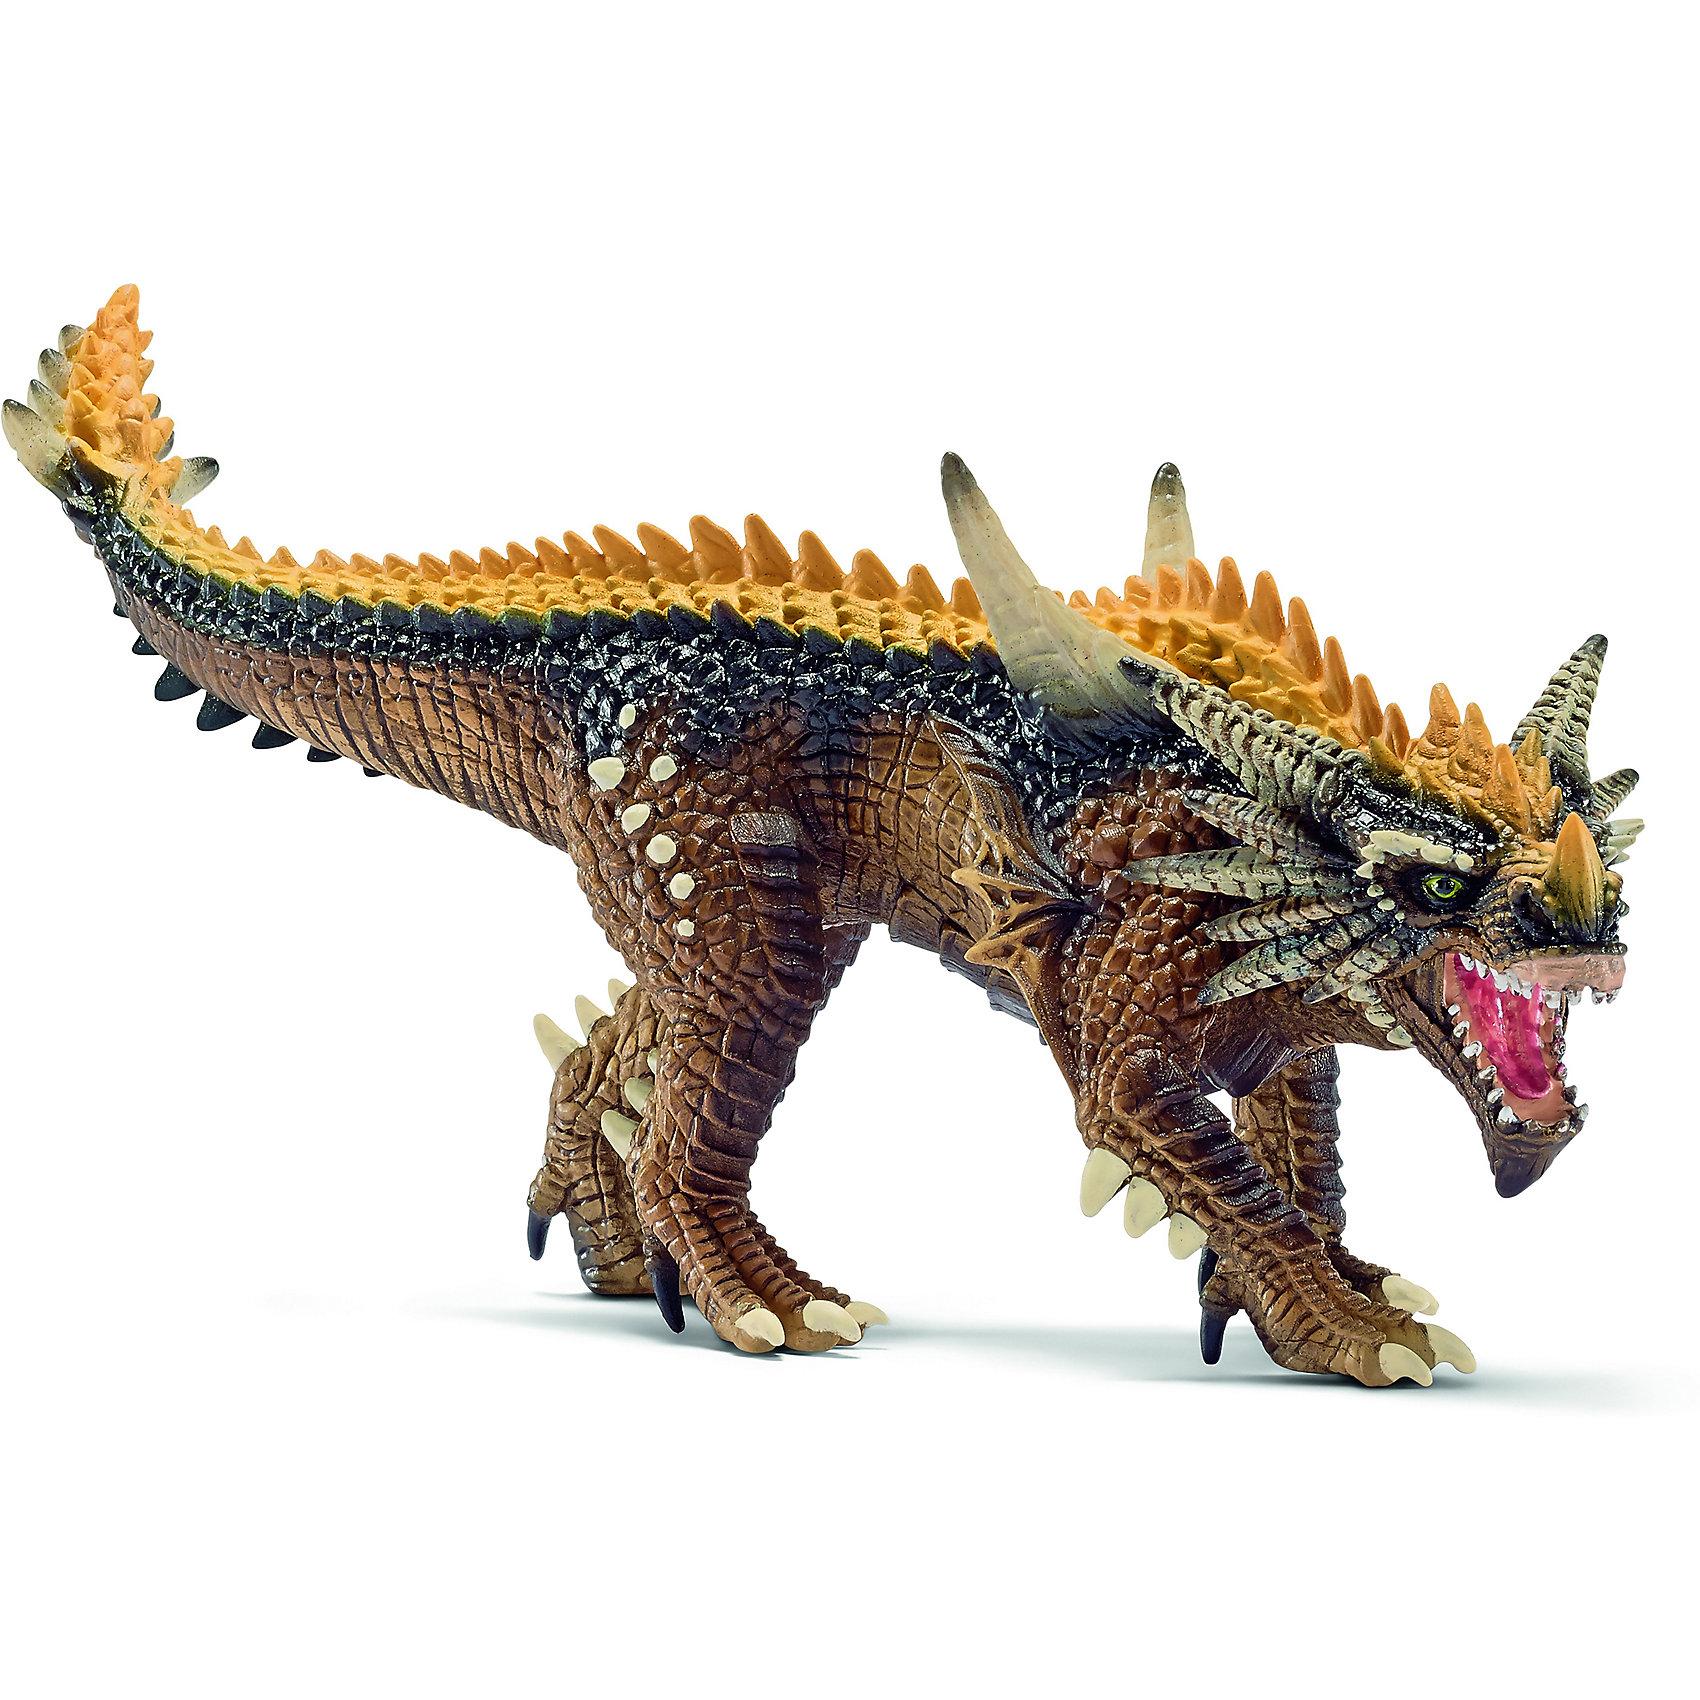 Дракон Охотник, SchleichДраконы и динозавры<br>Дракон Охотник, Schleich (Шляйх) – это высококачественная игровая фигурка.<br>Дракон Охотник из серии Рыцари от Schleich (Шляйх) - восхитительная фигурка дракона, которая сделает игры с рыцарями и воинами еще увлекательнее. Дракон охотник обладает мощными когтистыми лапами и ядовитым укусом. У него нет огненного дыхания. Говоря современным языком, эта функция отрофировалась. Но благодаря ядовитым клыкам, каждый укус дракона становится смертельным. Крылья у дракона также отсутствуют, в тех местах, где он обитает, они бы только мешали охотиться. Особое строение шкуры позволяет дракону передвигаться практически бесшумно. Вкупе с удивительной способностью ночного зрения и выдающейся выносливостью дракон Охотник является грозной силой. <br>Прекрасно выполненные фигурки Schleich (Шляйх) отличаются высочайшим качеством игрушек ручной работы. Каждая фигурка разработана с учетом исследований в области педагогики и производится как настоящее произведение для маленьких детских ручек. Все фигурки Schleich (Шляйх) сделаны из гипоаллергенных высокотехнологичных материалов, раскрашены вручную и не вызывают аллергии у ребенка.<br><br>Дополнительная информация:<br><br>- Размер фигурки: 21 х 6,5 х 9,6 см.<br>- Материал: высококачественный каучуковый пластик<br><br>Фигурку Дракон Охотник, Schleich (Шляйх) можно купить в нашем интернет-магазине.<br><br>Ширина мм: 203<br>Глубина мм: 60<br>Высота мм: 86<br>Вес г: 181<br>Возраст от месяцев: 36<br>Возраст до месяцев: 96<br>Пол: Мужской<br>Возраст: Детский<br>SKU: 3902631